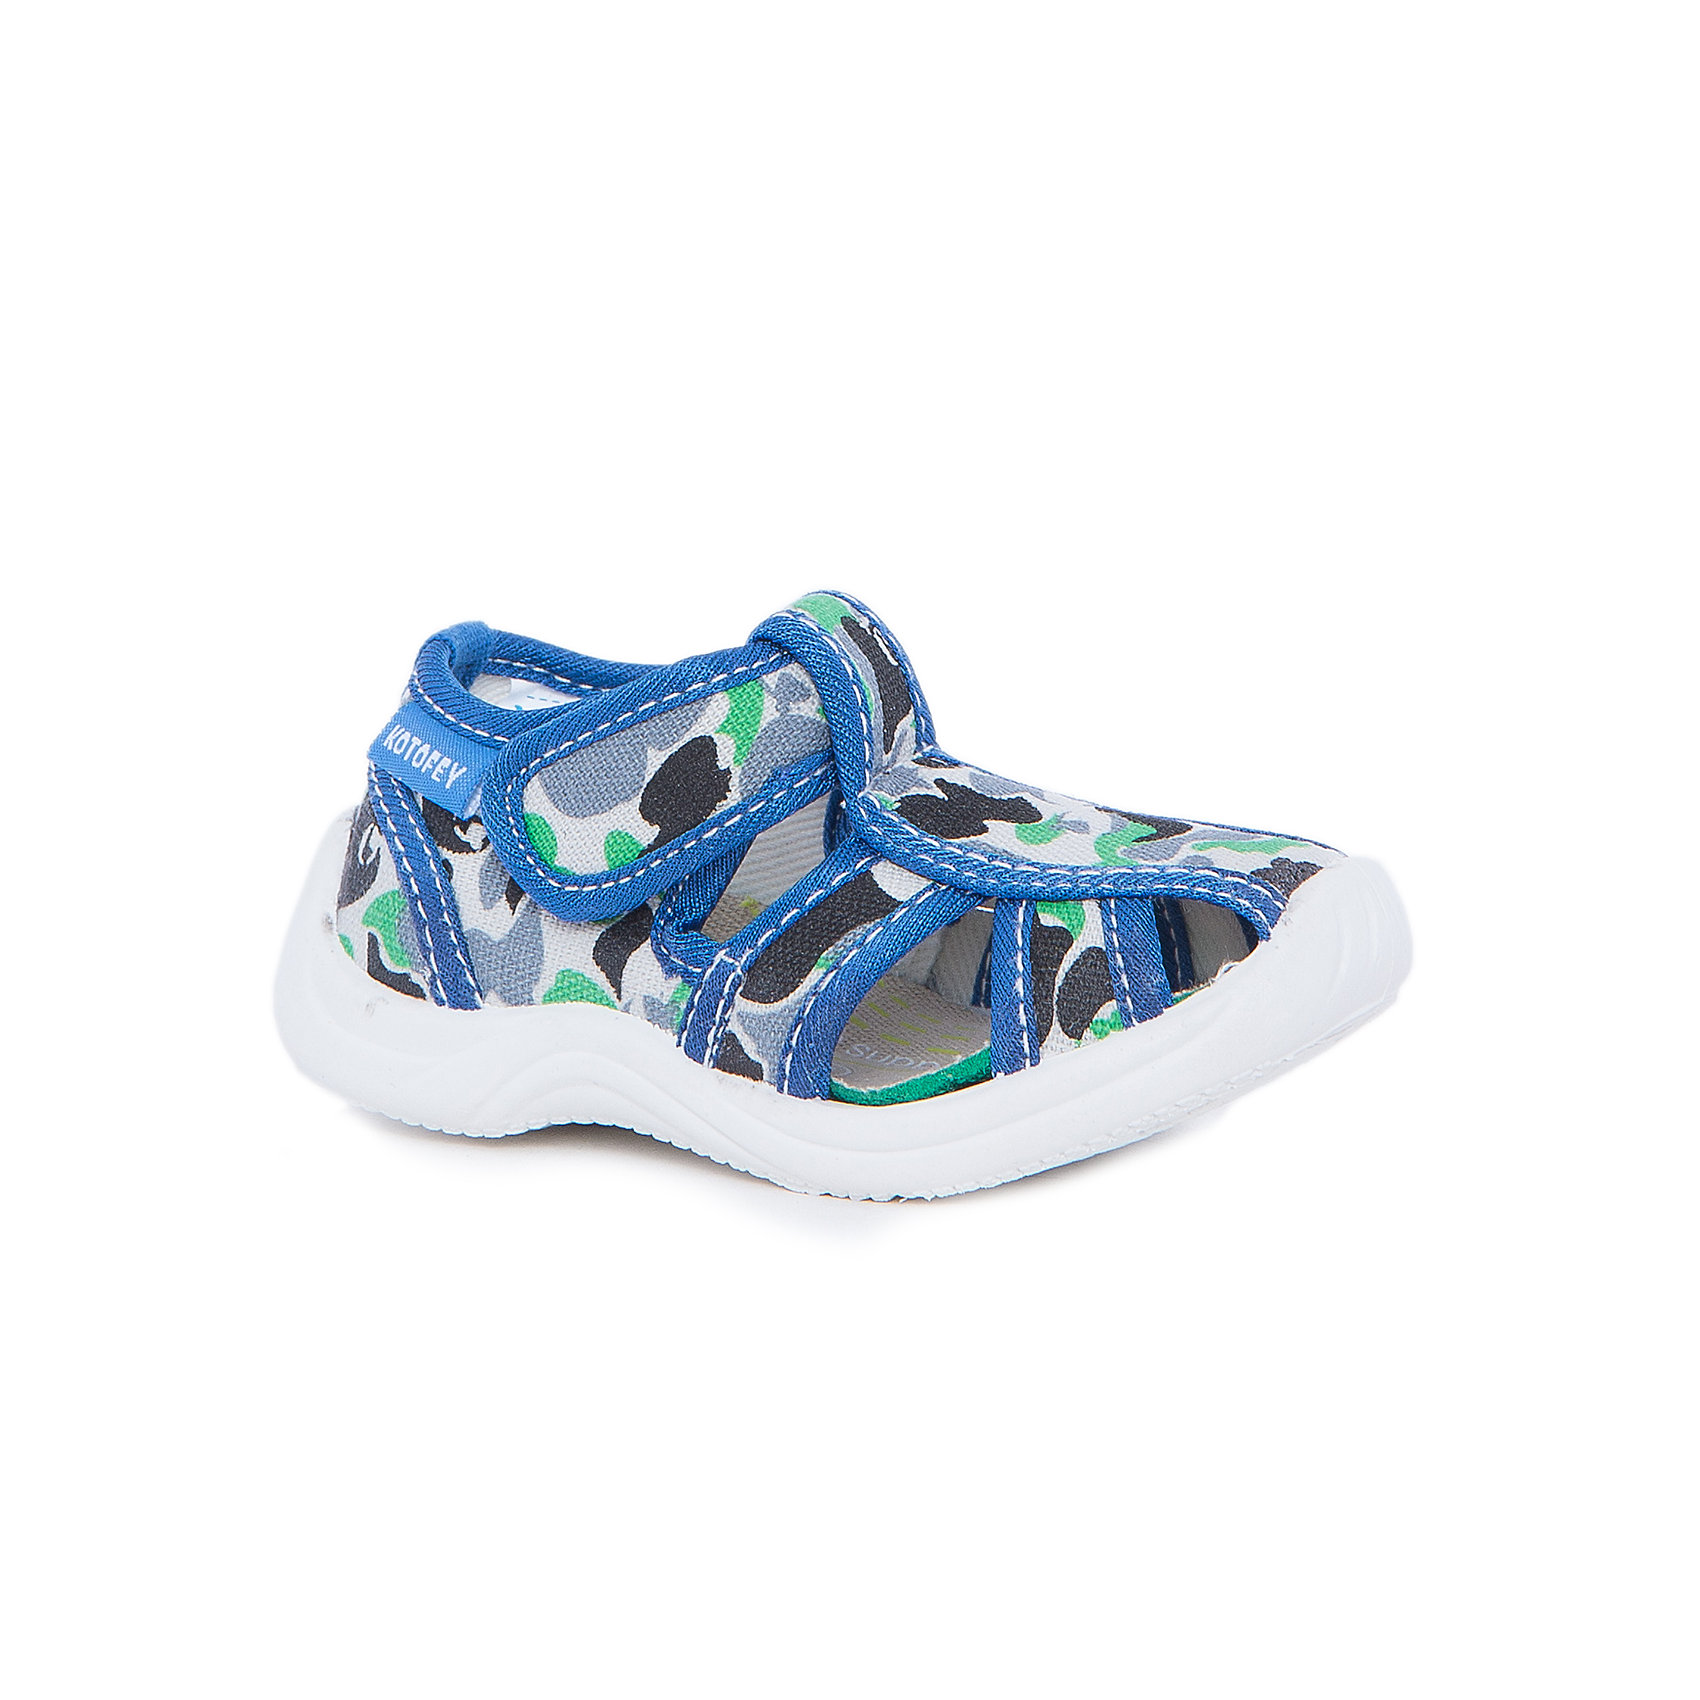 Туфли для мальчика КотофейКотофей – качественная и стильная детская обувь по доступным ценам. С каждым днем популярность бренда растет.  Летние ботиночки полюбятся всем мальчикам. Ботиночки выполнены с закрытым носком и прорезями по бокам, что делает из идеальной обувью для летних прогулок на свежем воздухе. Стильный принт и интересные детали делают образ ботиночек завершенным.  Качественные материалы позволят носить обувь все лето, не переживая за внешний вид.<br><br>Дополнительная информация:<br><br>цвет: сине-зеленый;<br>крепление: литьевое;<br>застежка: липучка;<br>температурный режим: от +15°С до +25° С.<br><br>Состав:<br>верх – текстильный материал;<br>подкладка – текстильный материал;<br>материал подошвы – ПВХ.<br><br>Летние ботиночки для мальчиков ясельного возраста из текстиля от фирмы Котофей можно приобрести у нас в магазине.<br><br>Ширина мм: 227<br>Глубина мм: 145<br>Высота мм: 124<br>Вес г: 325<br>Цвет: разноцветный<br>Возраст от месяцев: 18<br>Возраст до месяцев: 21<br>Пол: Мужской<br>Возраст: Детский<br>Размер: 23,21,25,22,20,24<br>SKU: 4982302